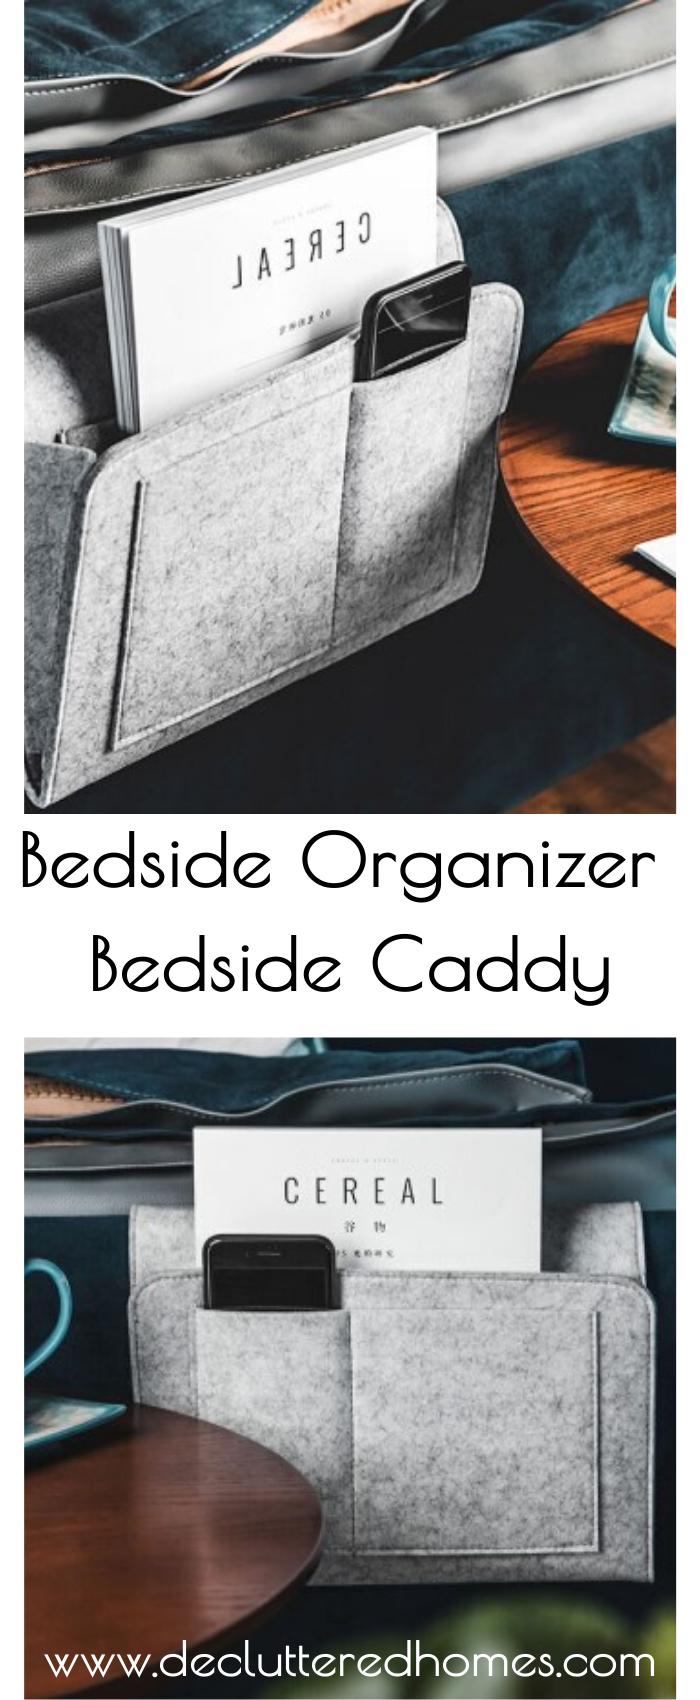 Bedside Organiser Bedside Caddy Bedside organizer